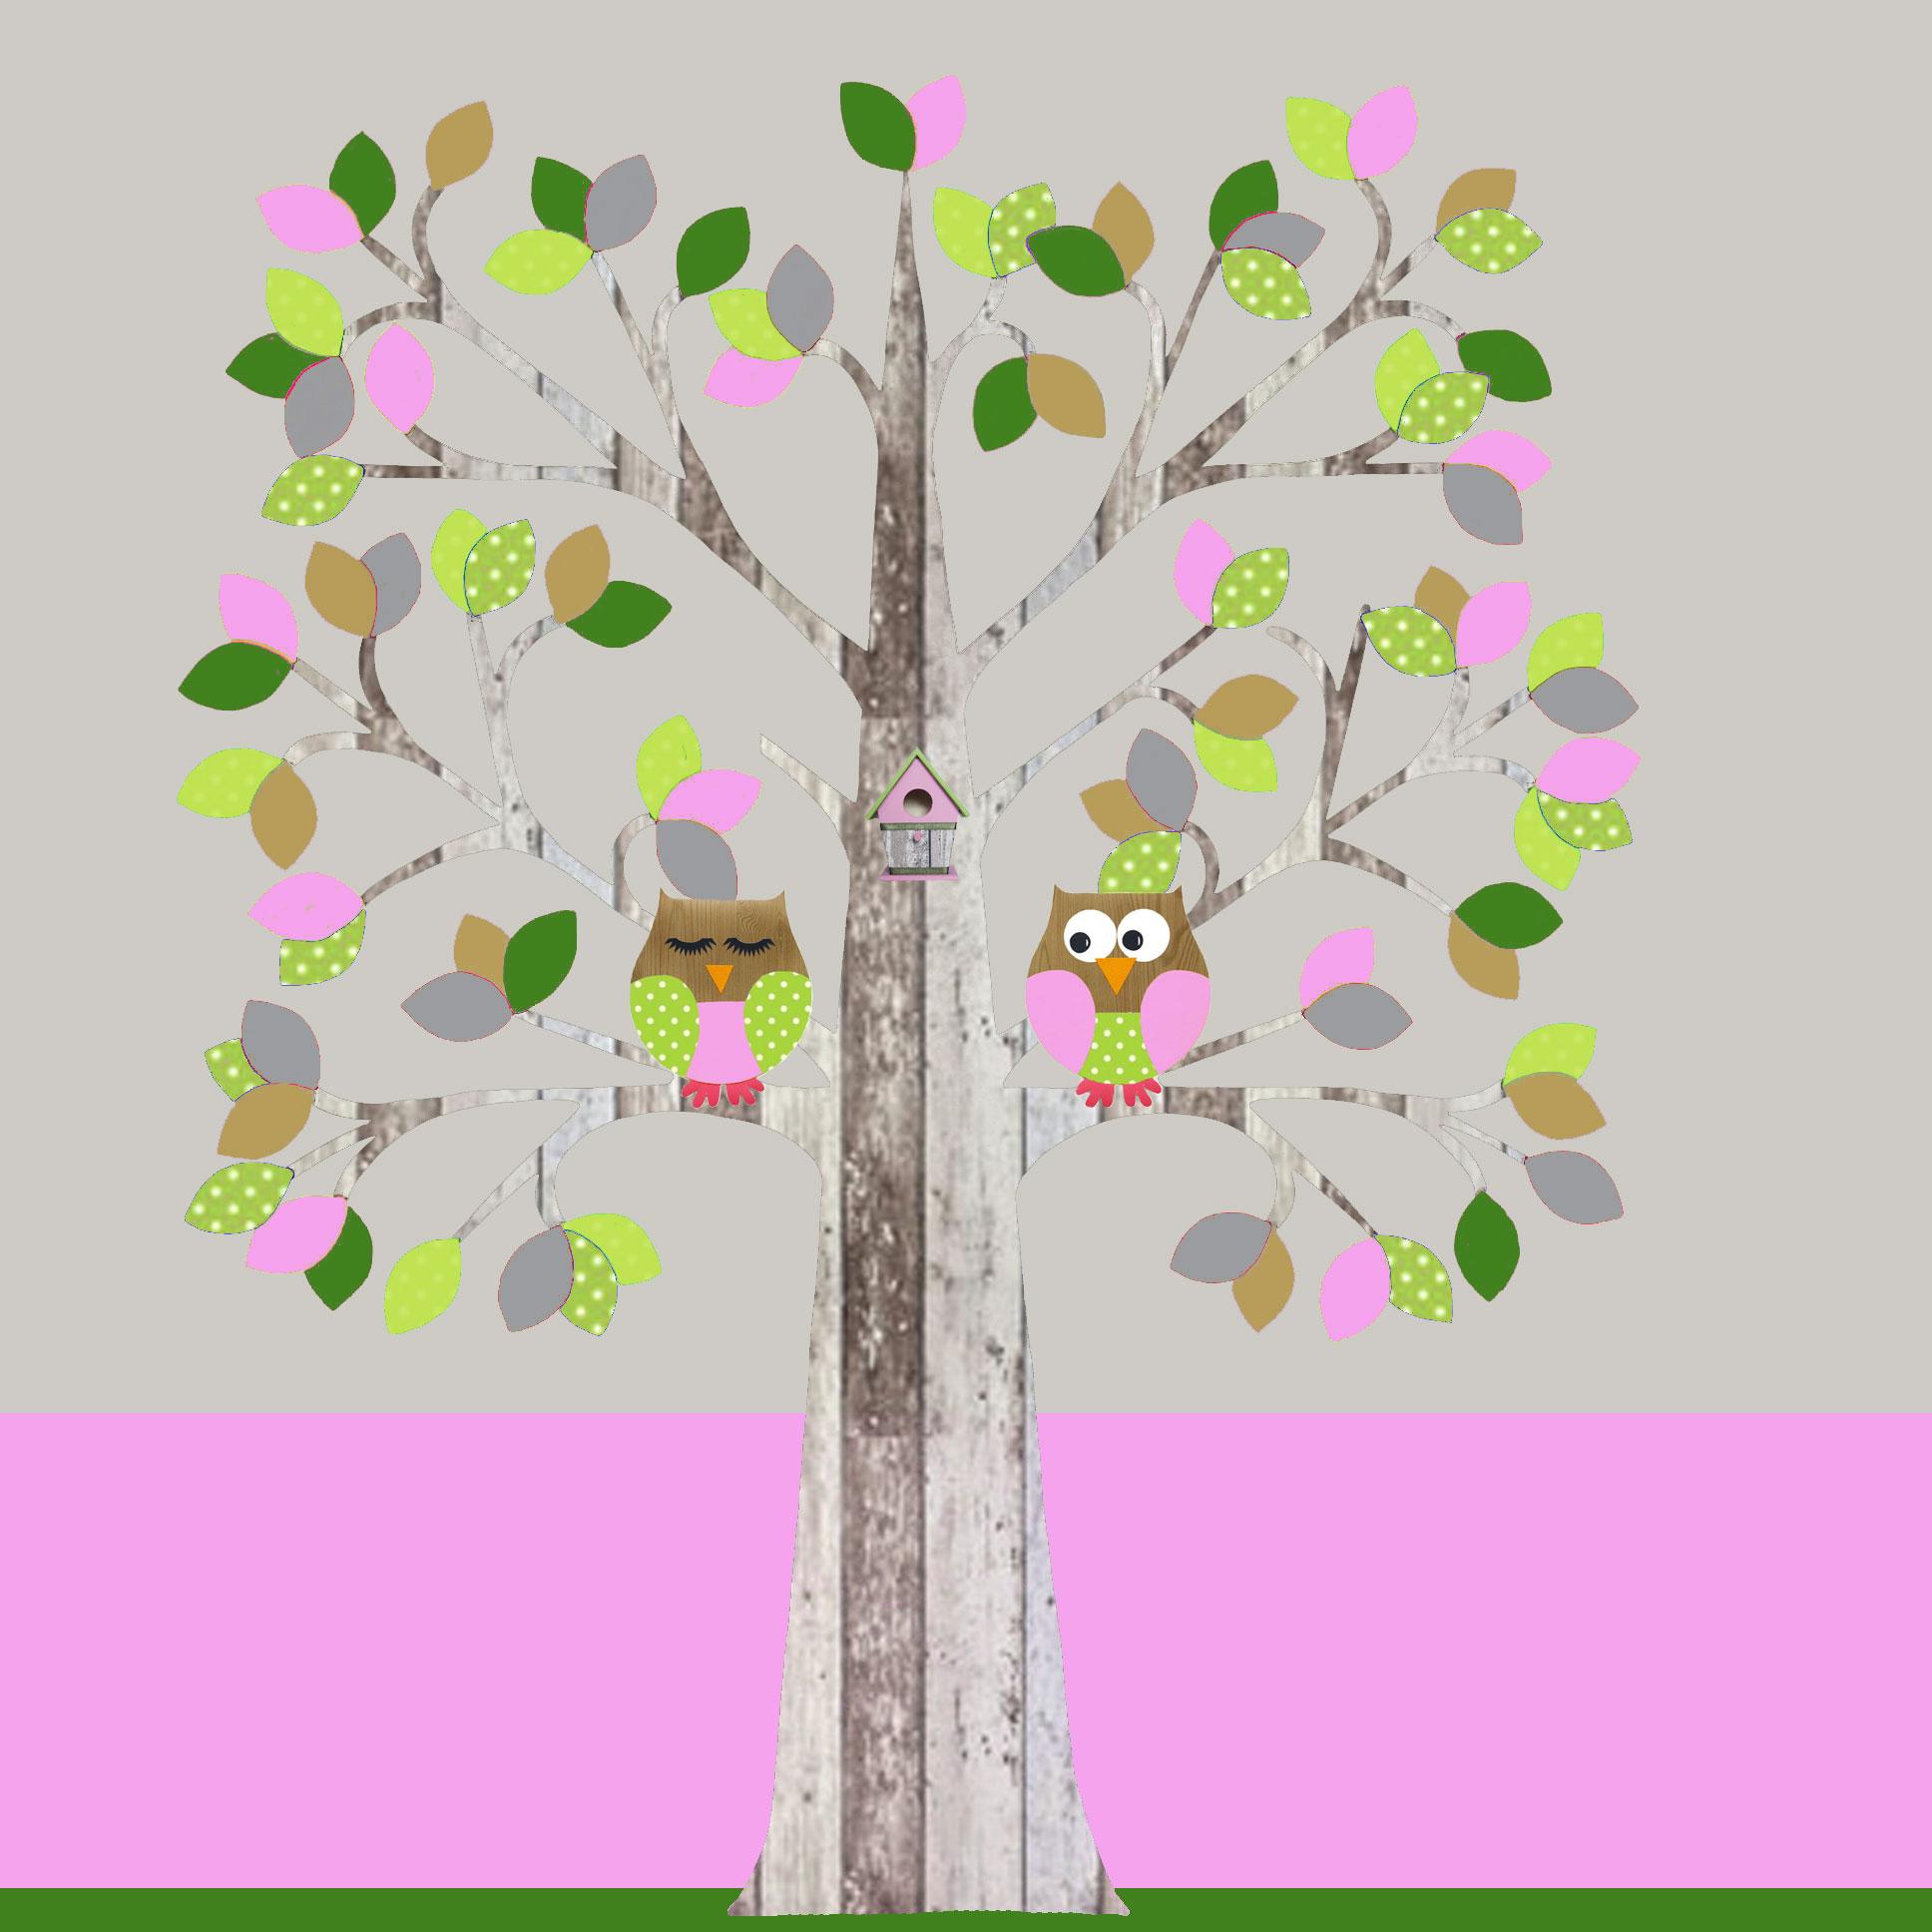 behangboom-A-sloophout-roze-met-uilen